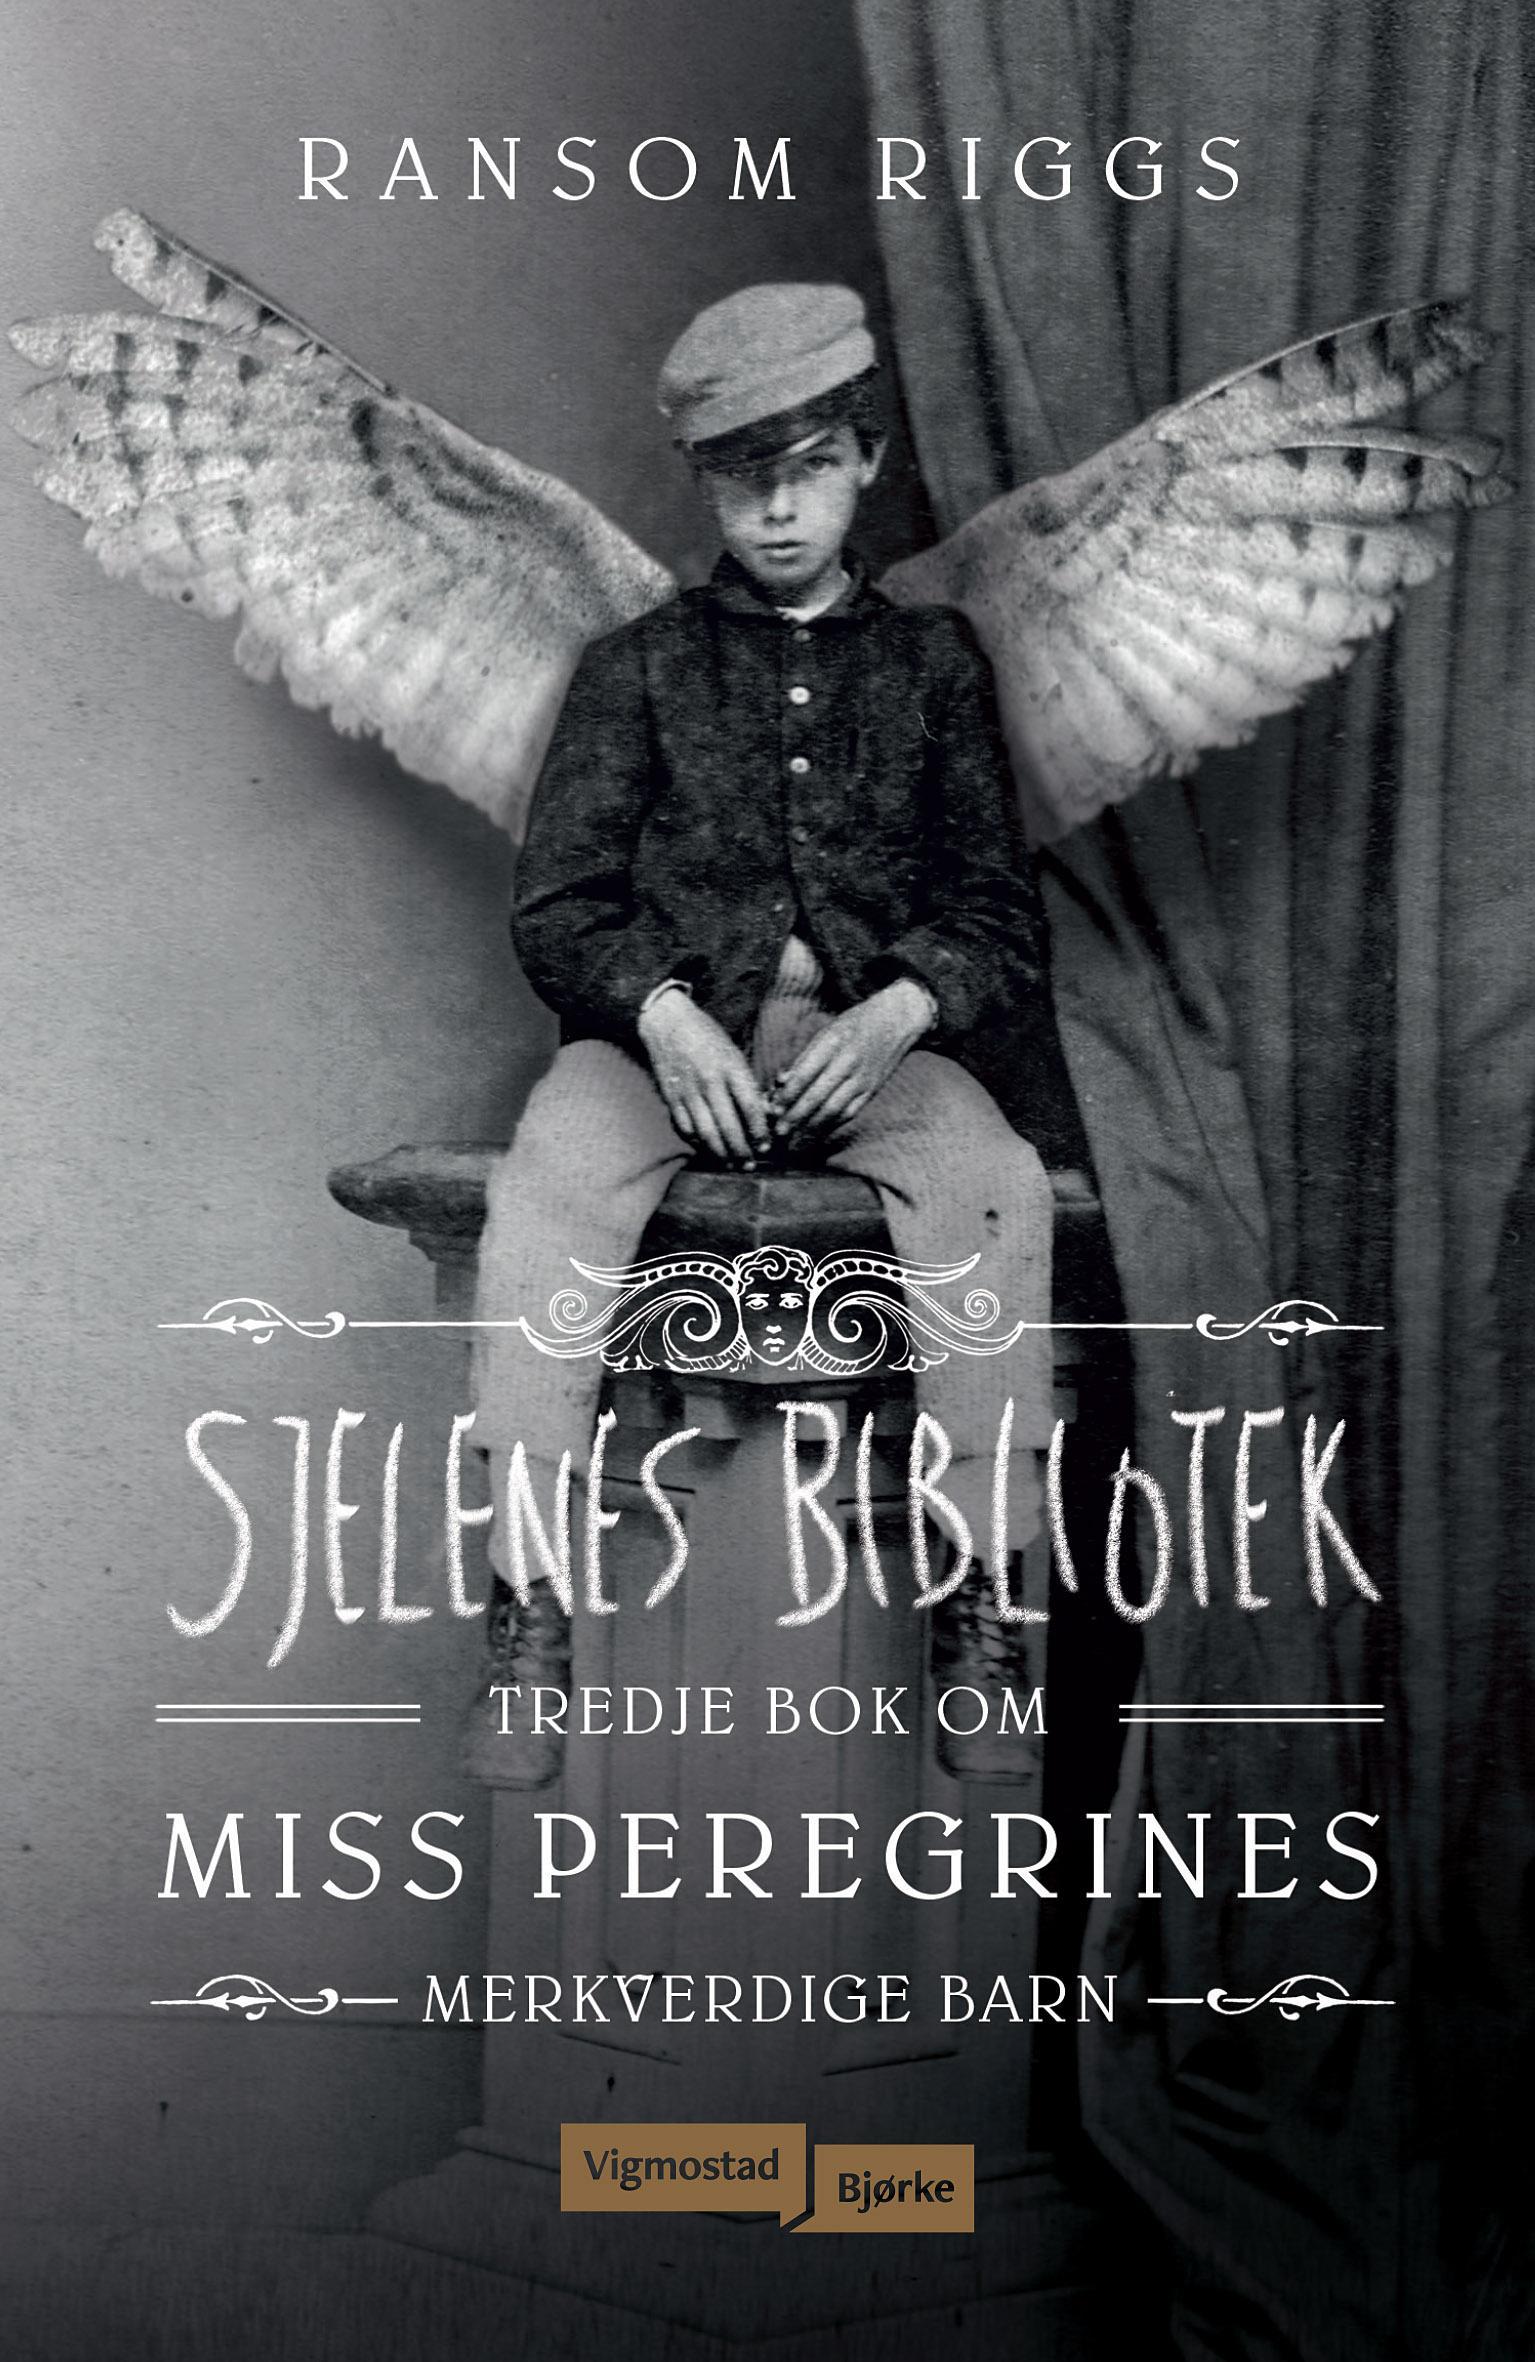 """""""Sjelenes bibliotek - tredje bok om Miss Peregrines merkverdige barn"""" av Ransom Riggs"""